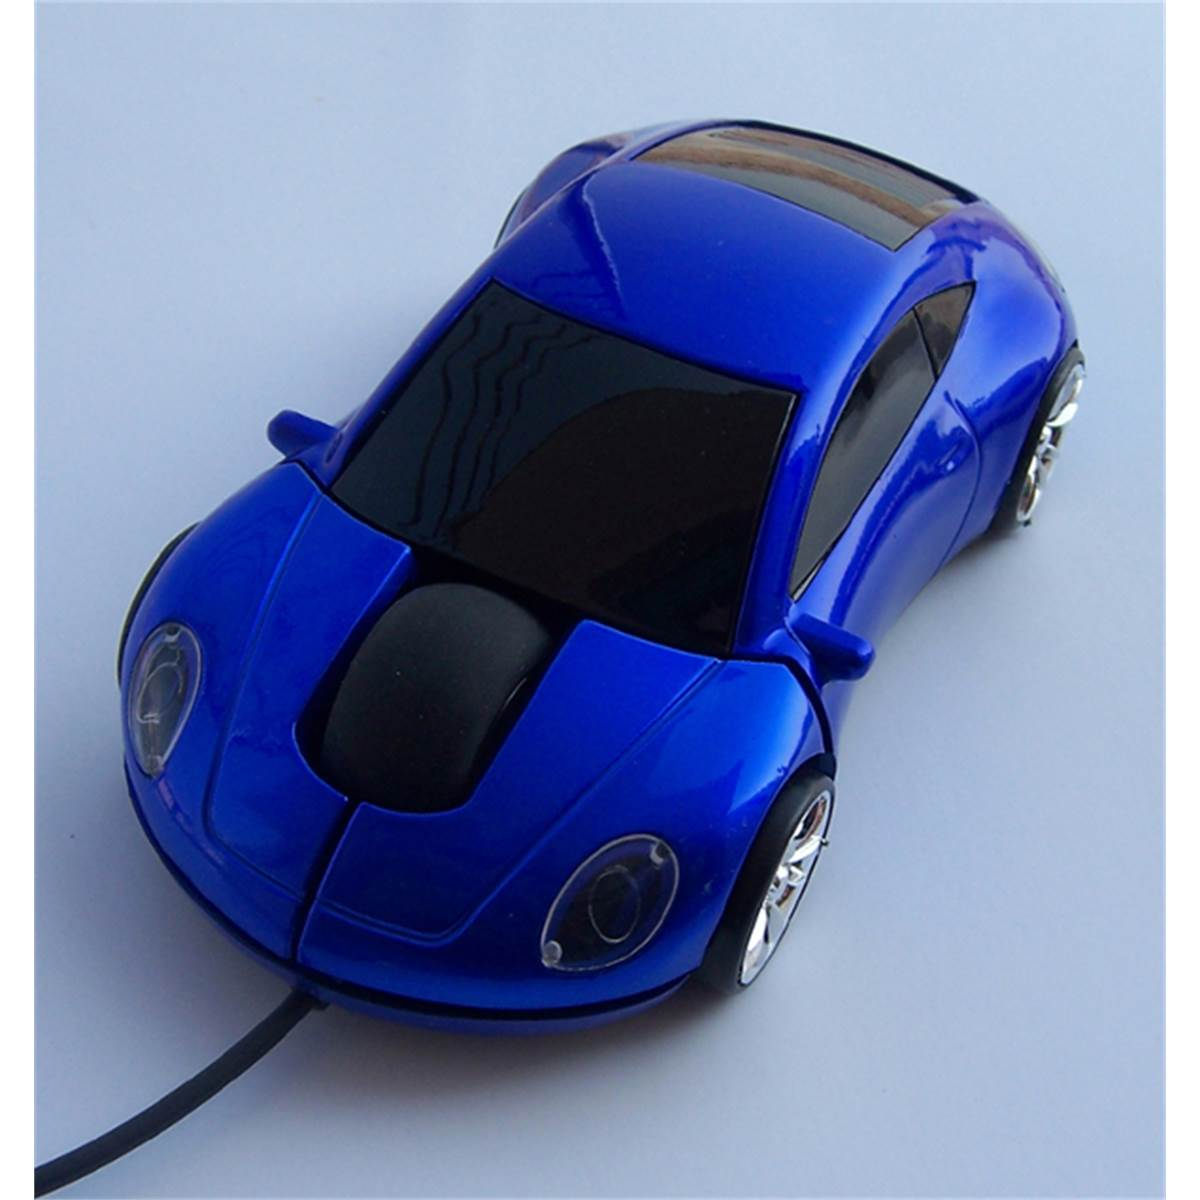 Souris optique filaire USB voiture bleue RD Innovation